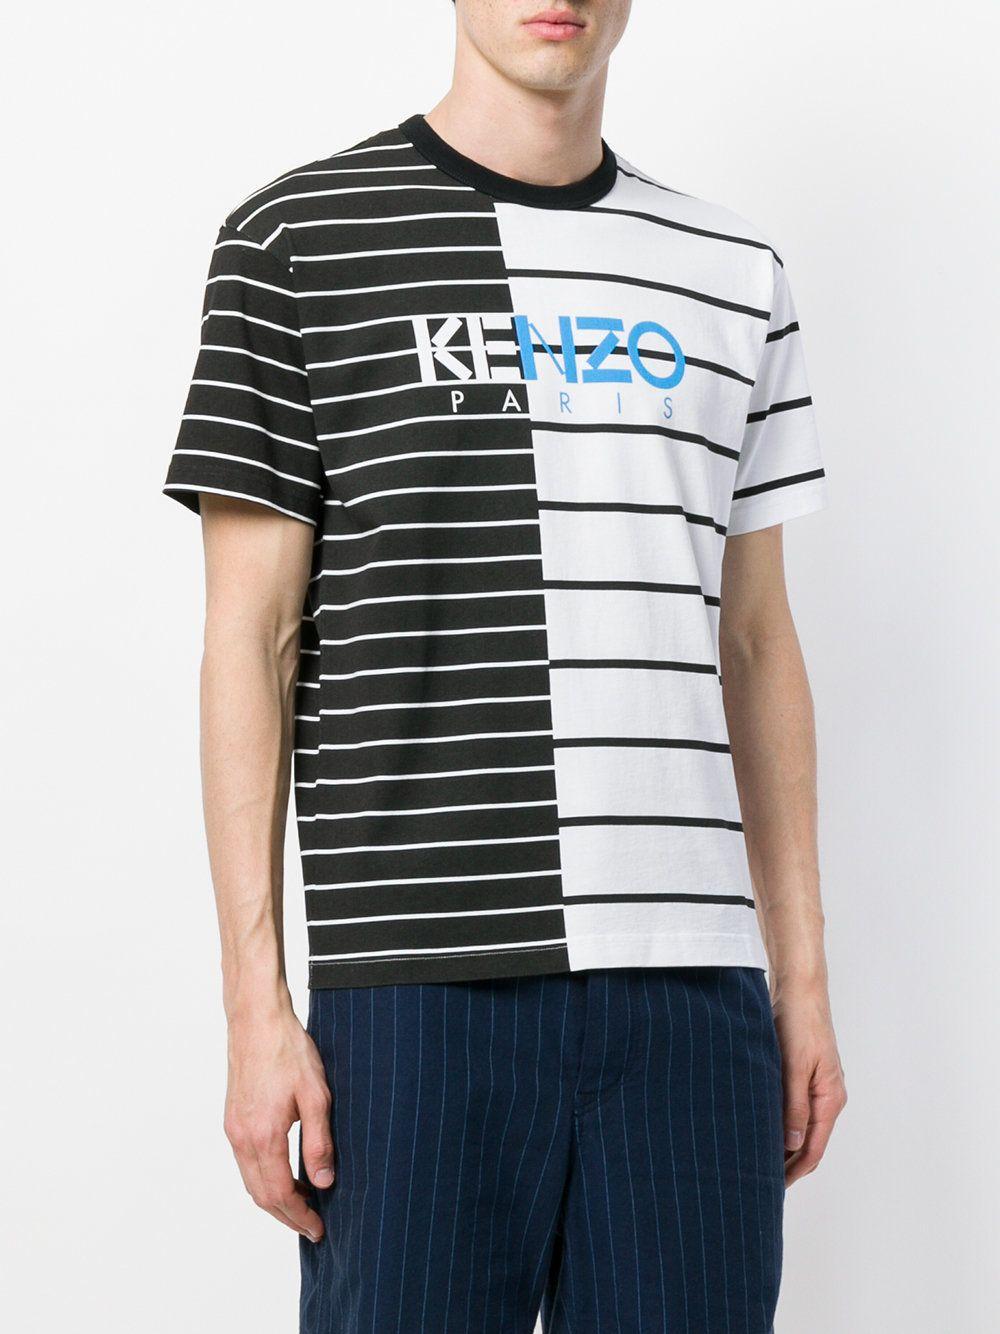 c8862e50 Kenzo striped logo T-shirt | Ss19 menswear in 2019 | T shirt, Kenzo ...